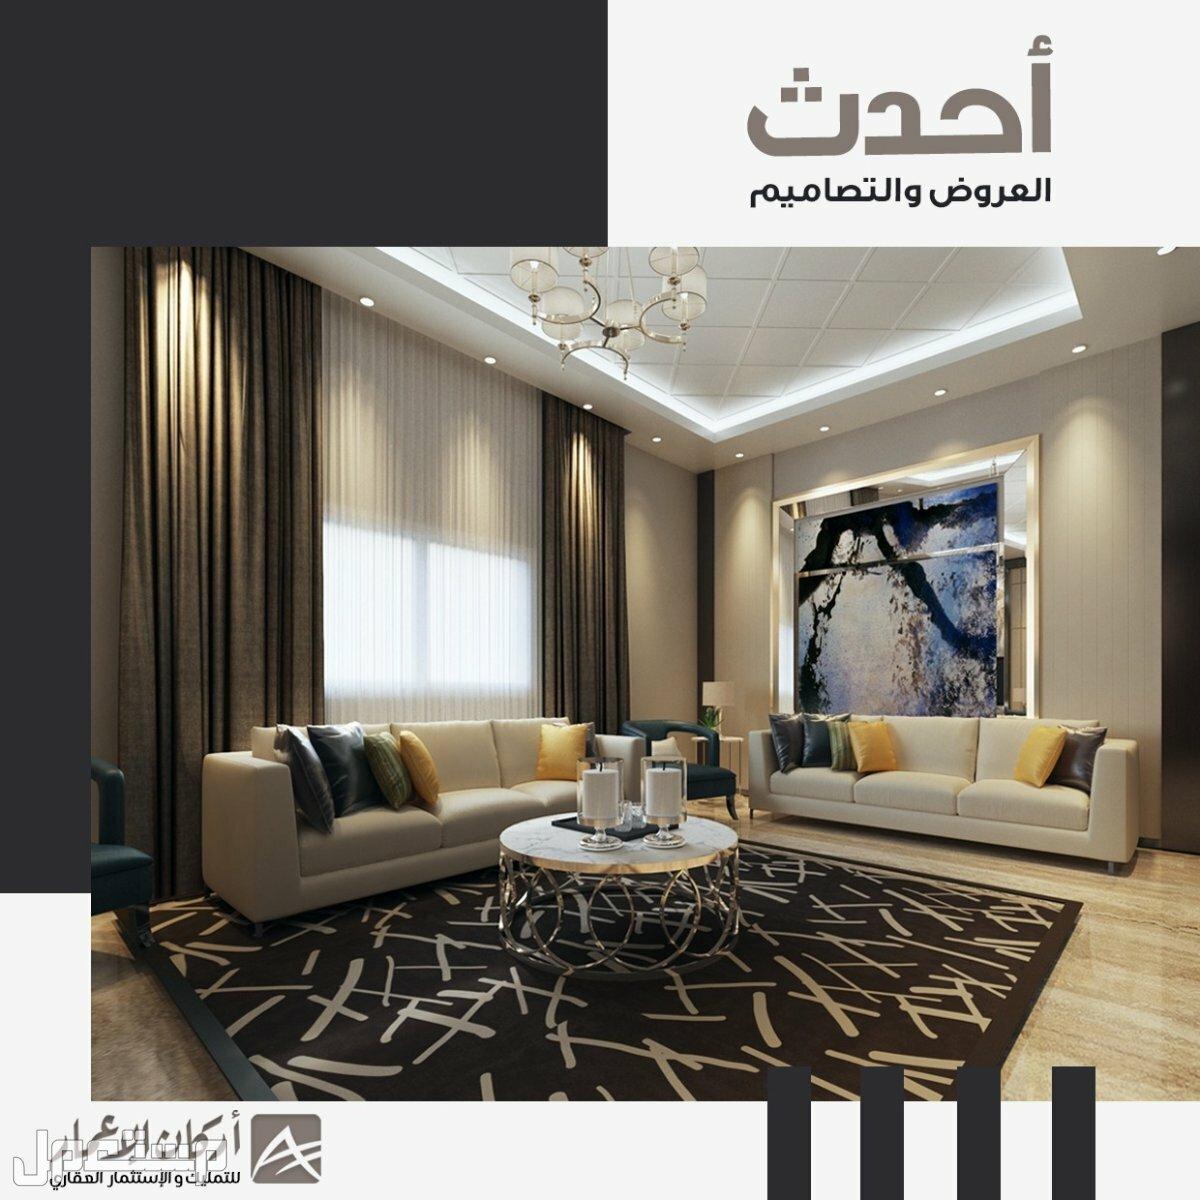 شقق عقارات حاتم الرفاعي المميزه